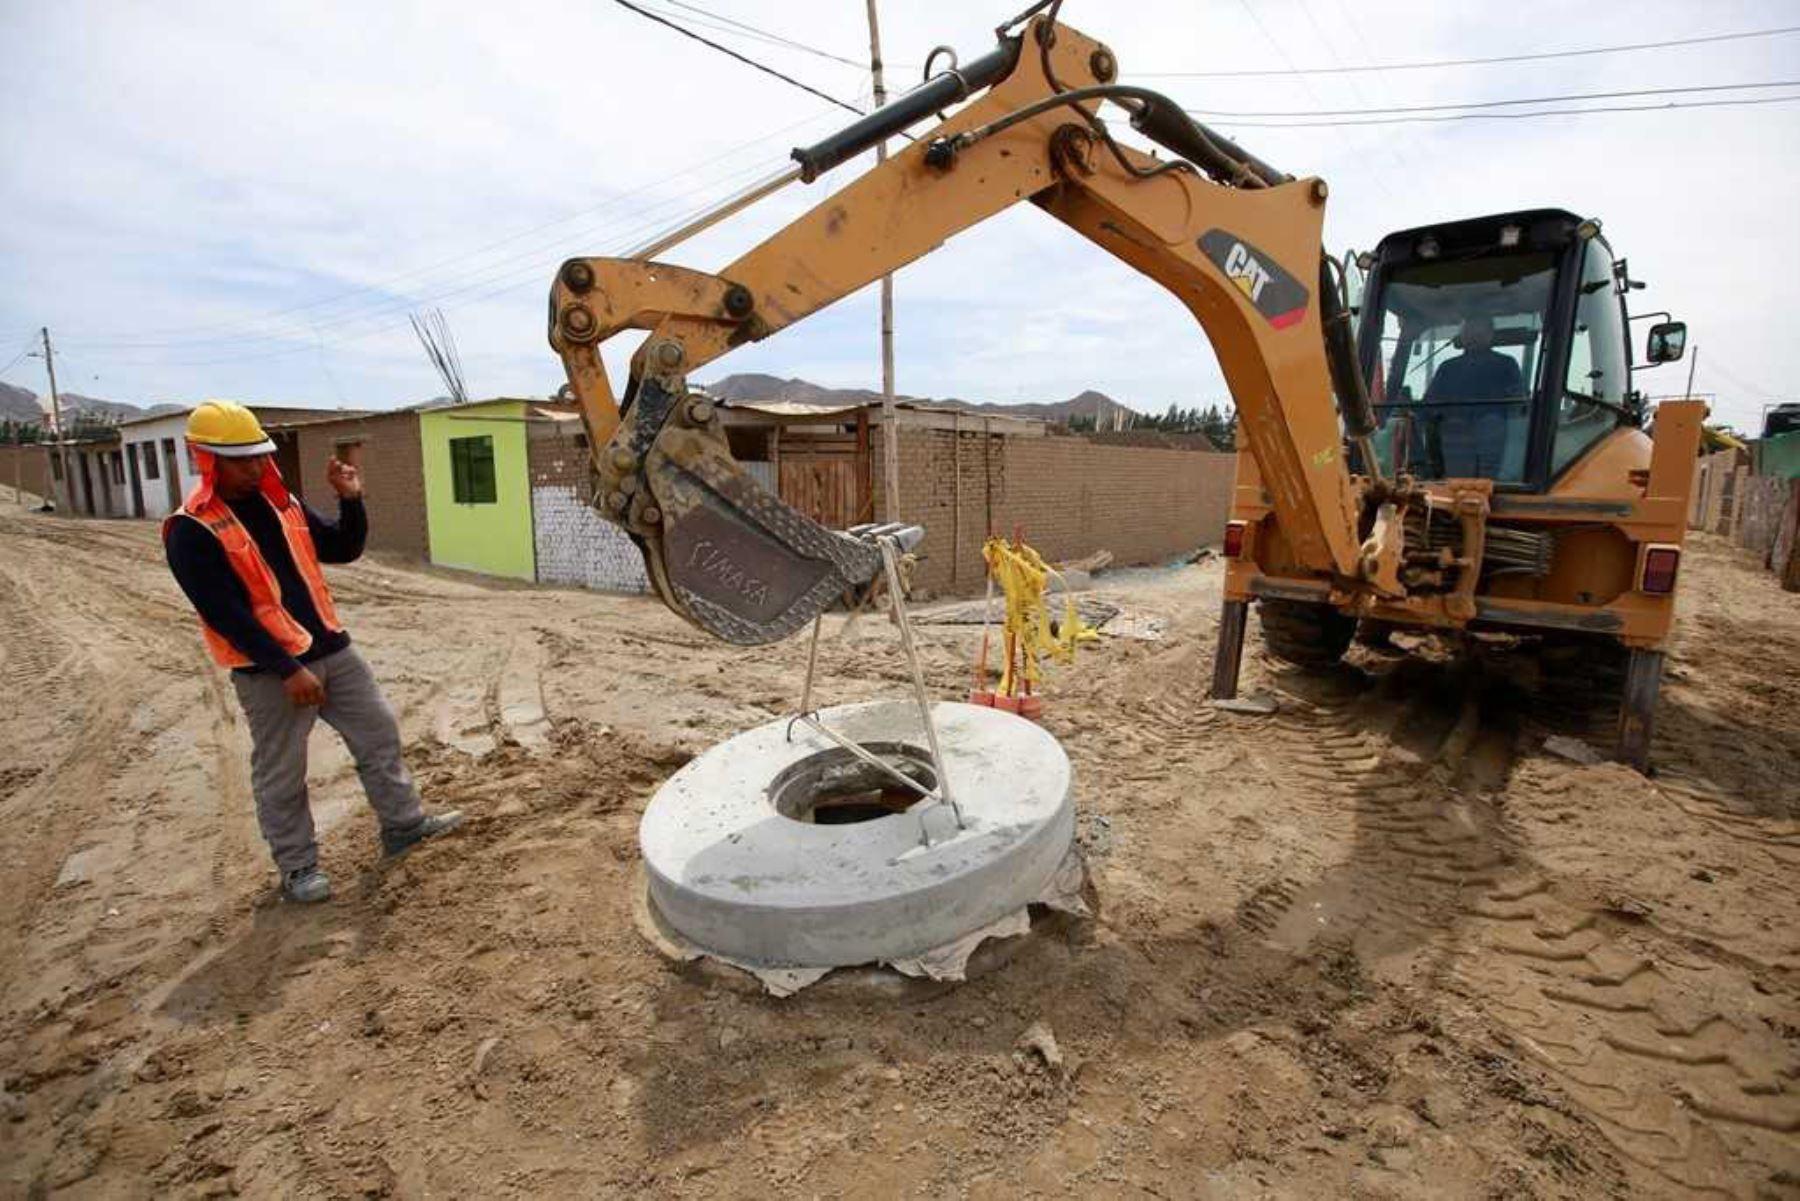 El Ministerio de Vivienda, Construcción y Saneamiento (MVCS) ejecuta 912 proyectos de agua potable y alcantarillado en las zonas rurales de 22 departamentos del país. Las obras, que tienen un presupuesto total de más de 464 millones de soles, tienen un avance del 30.5 % a la fecha.